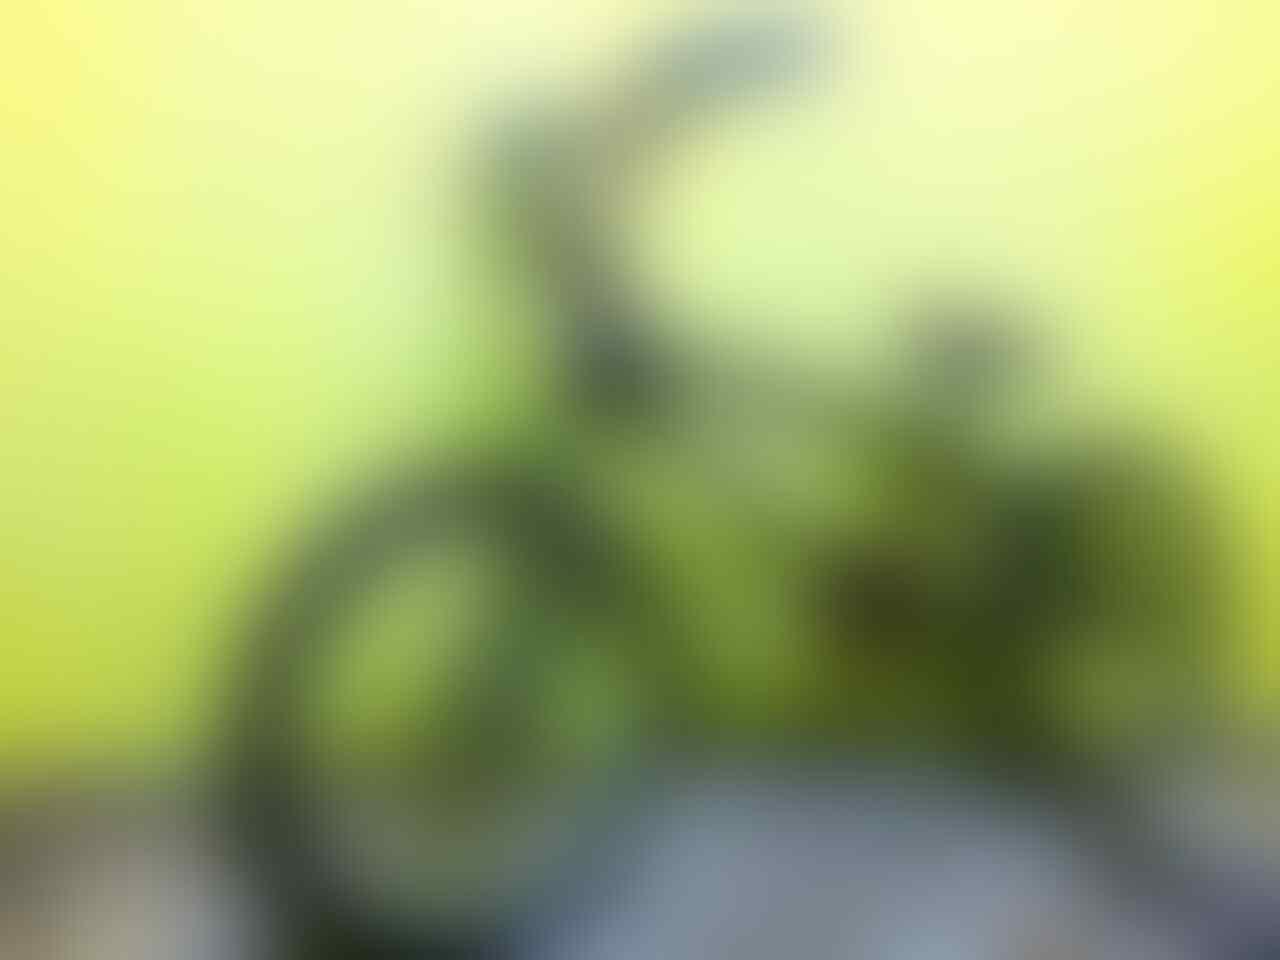 [KOMUNITAS] ۩۞۩• - KASKUS BMX - ۩۞۩•